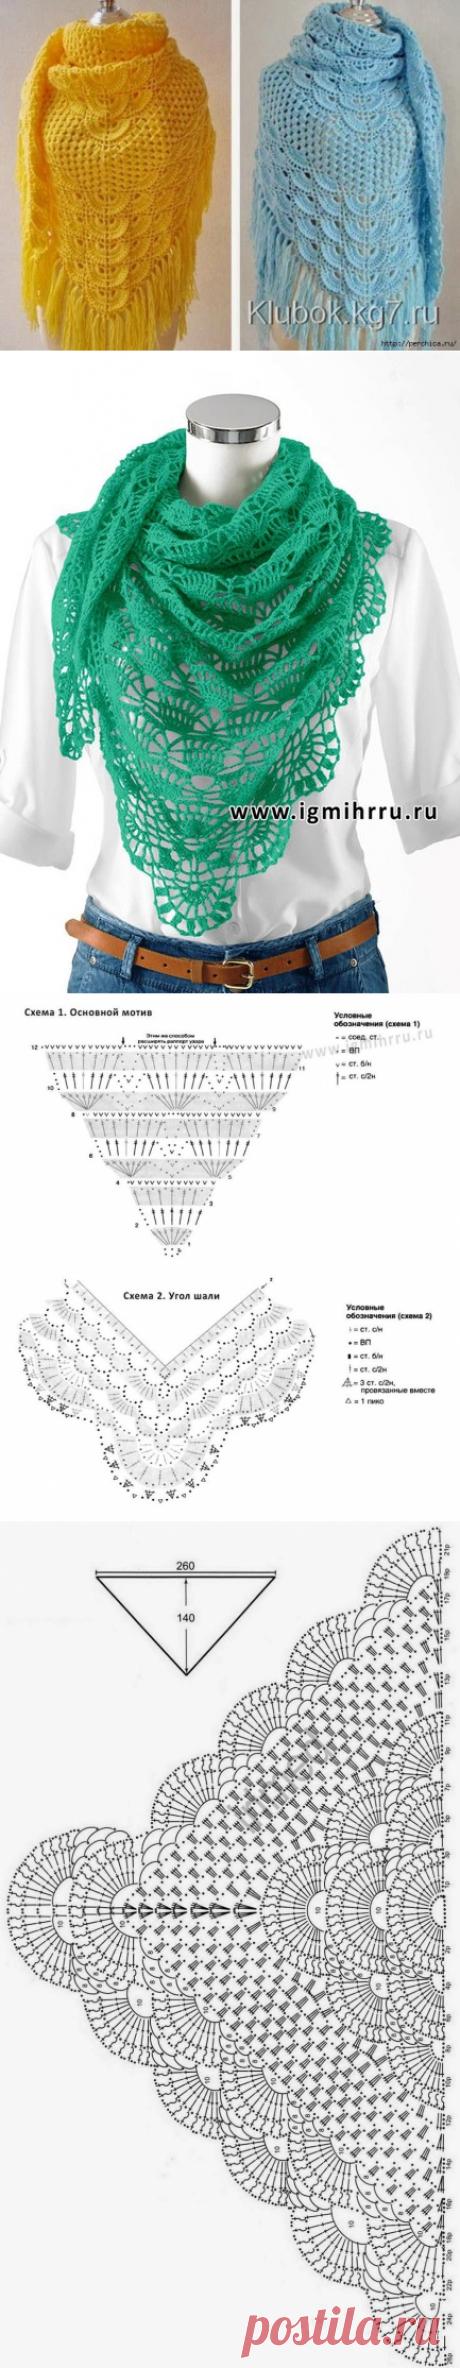 Самые красивые шали со схемами — Сделай сам, идеи для творчества - DIY Ideas